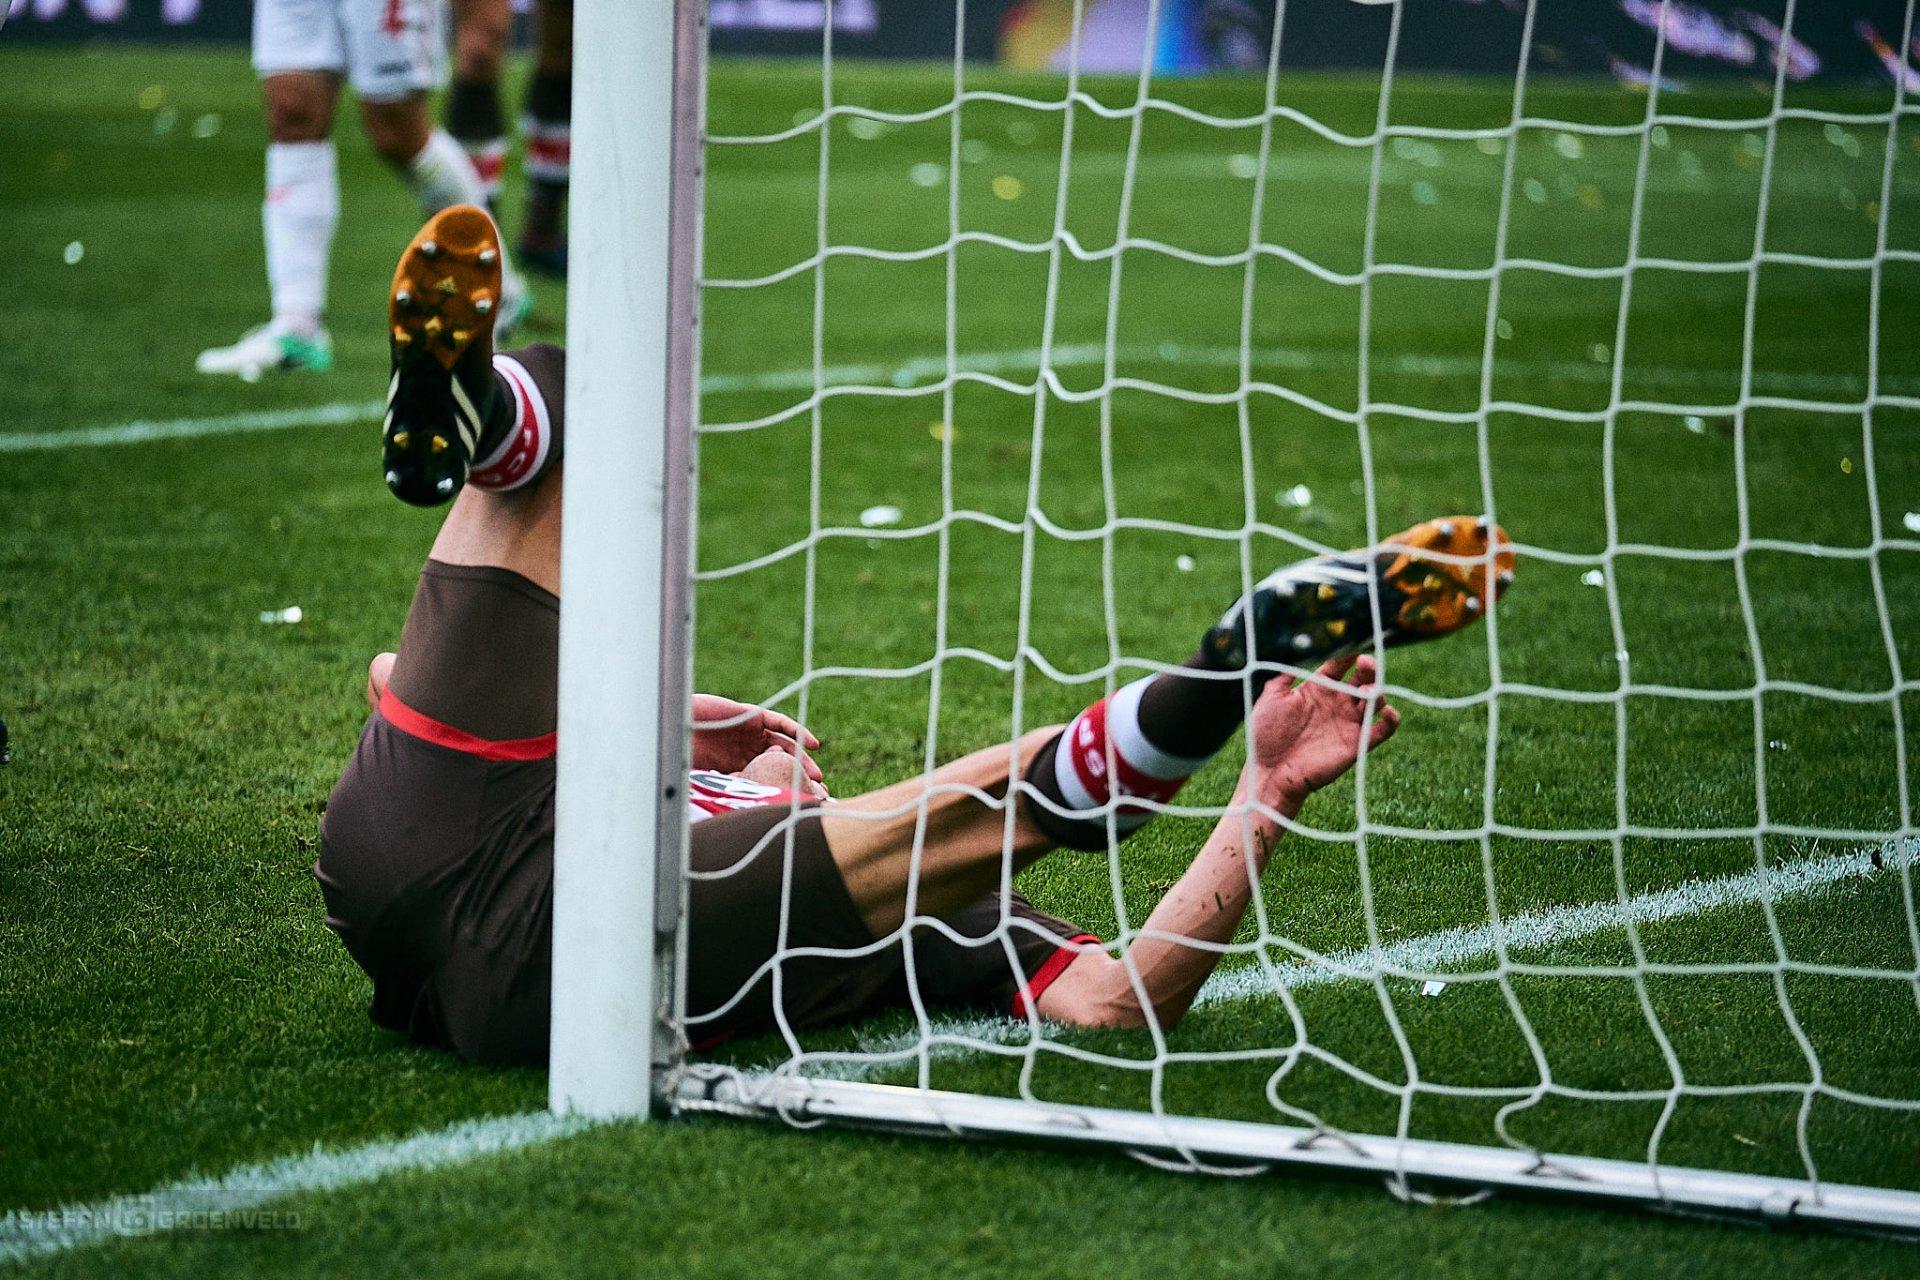 Es gibt kein' Fußball ohne Leiden…